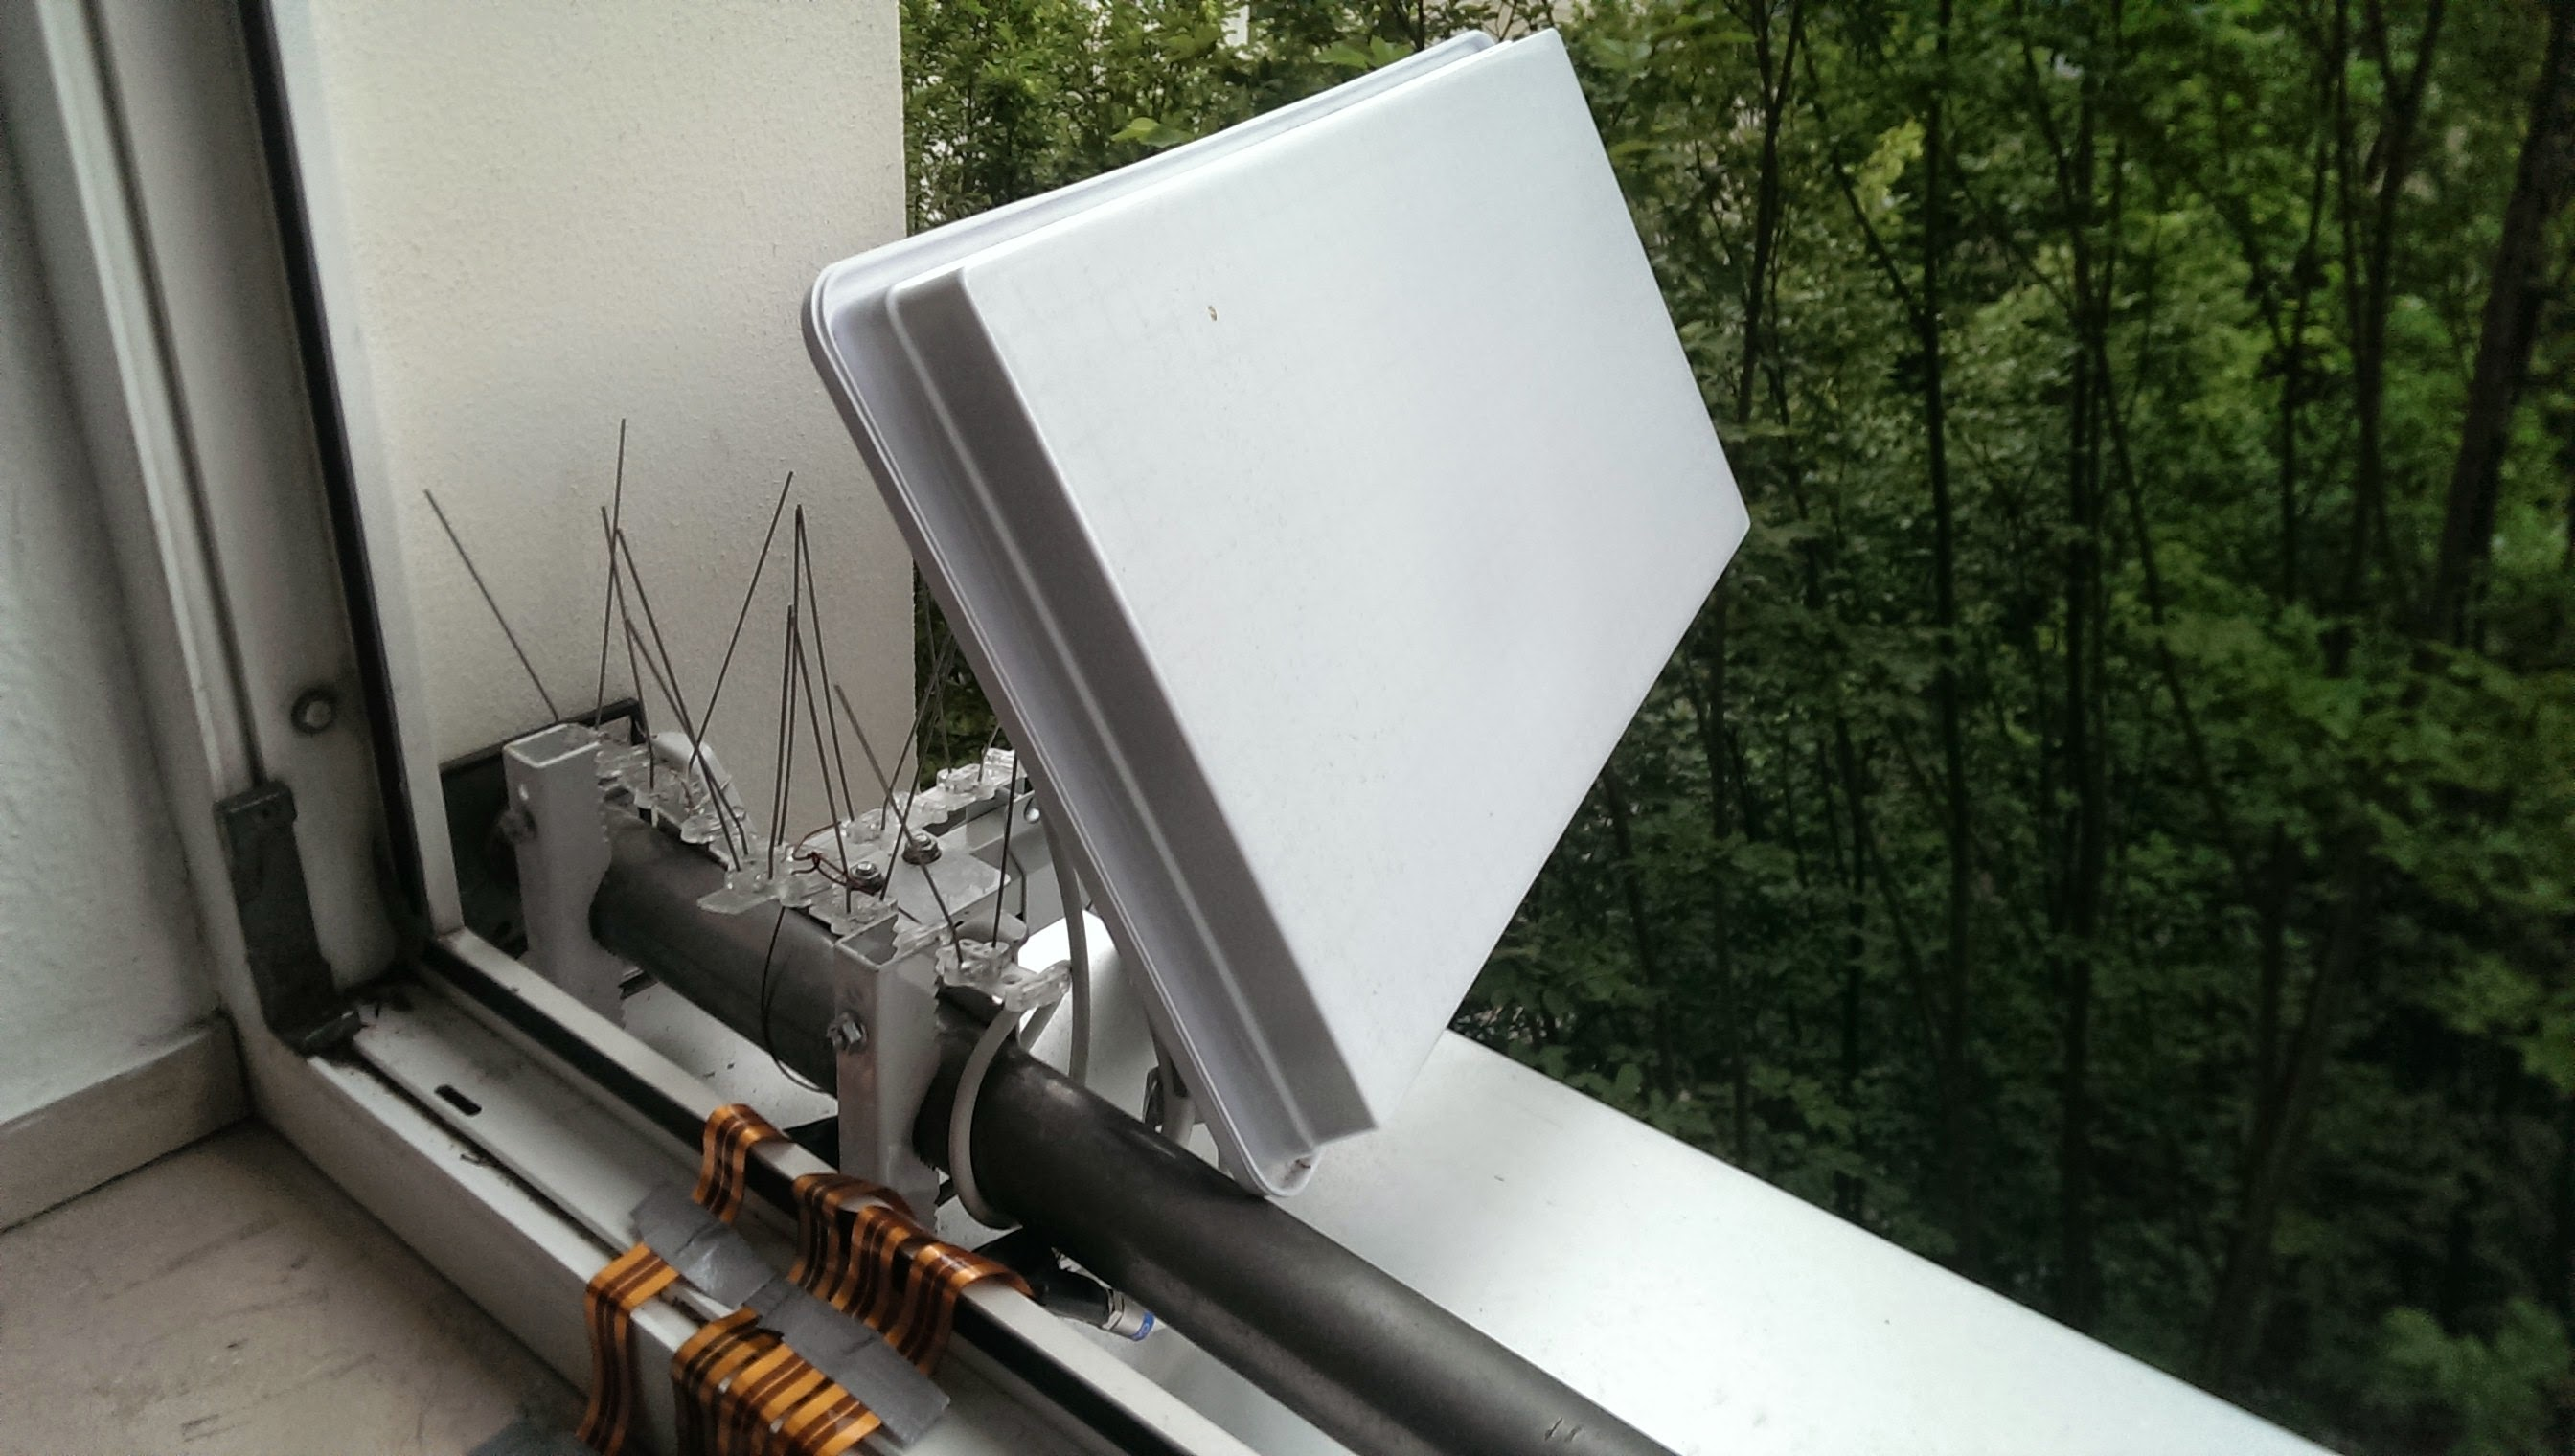 mobile camping satellitenanlage medion inkl sat receiver. Black Bedroom Furniture Sets. Home Design Ideas